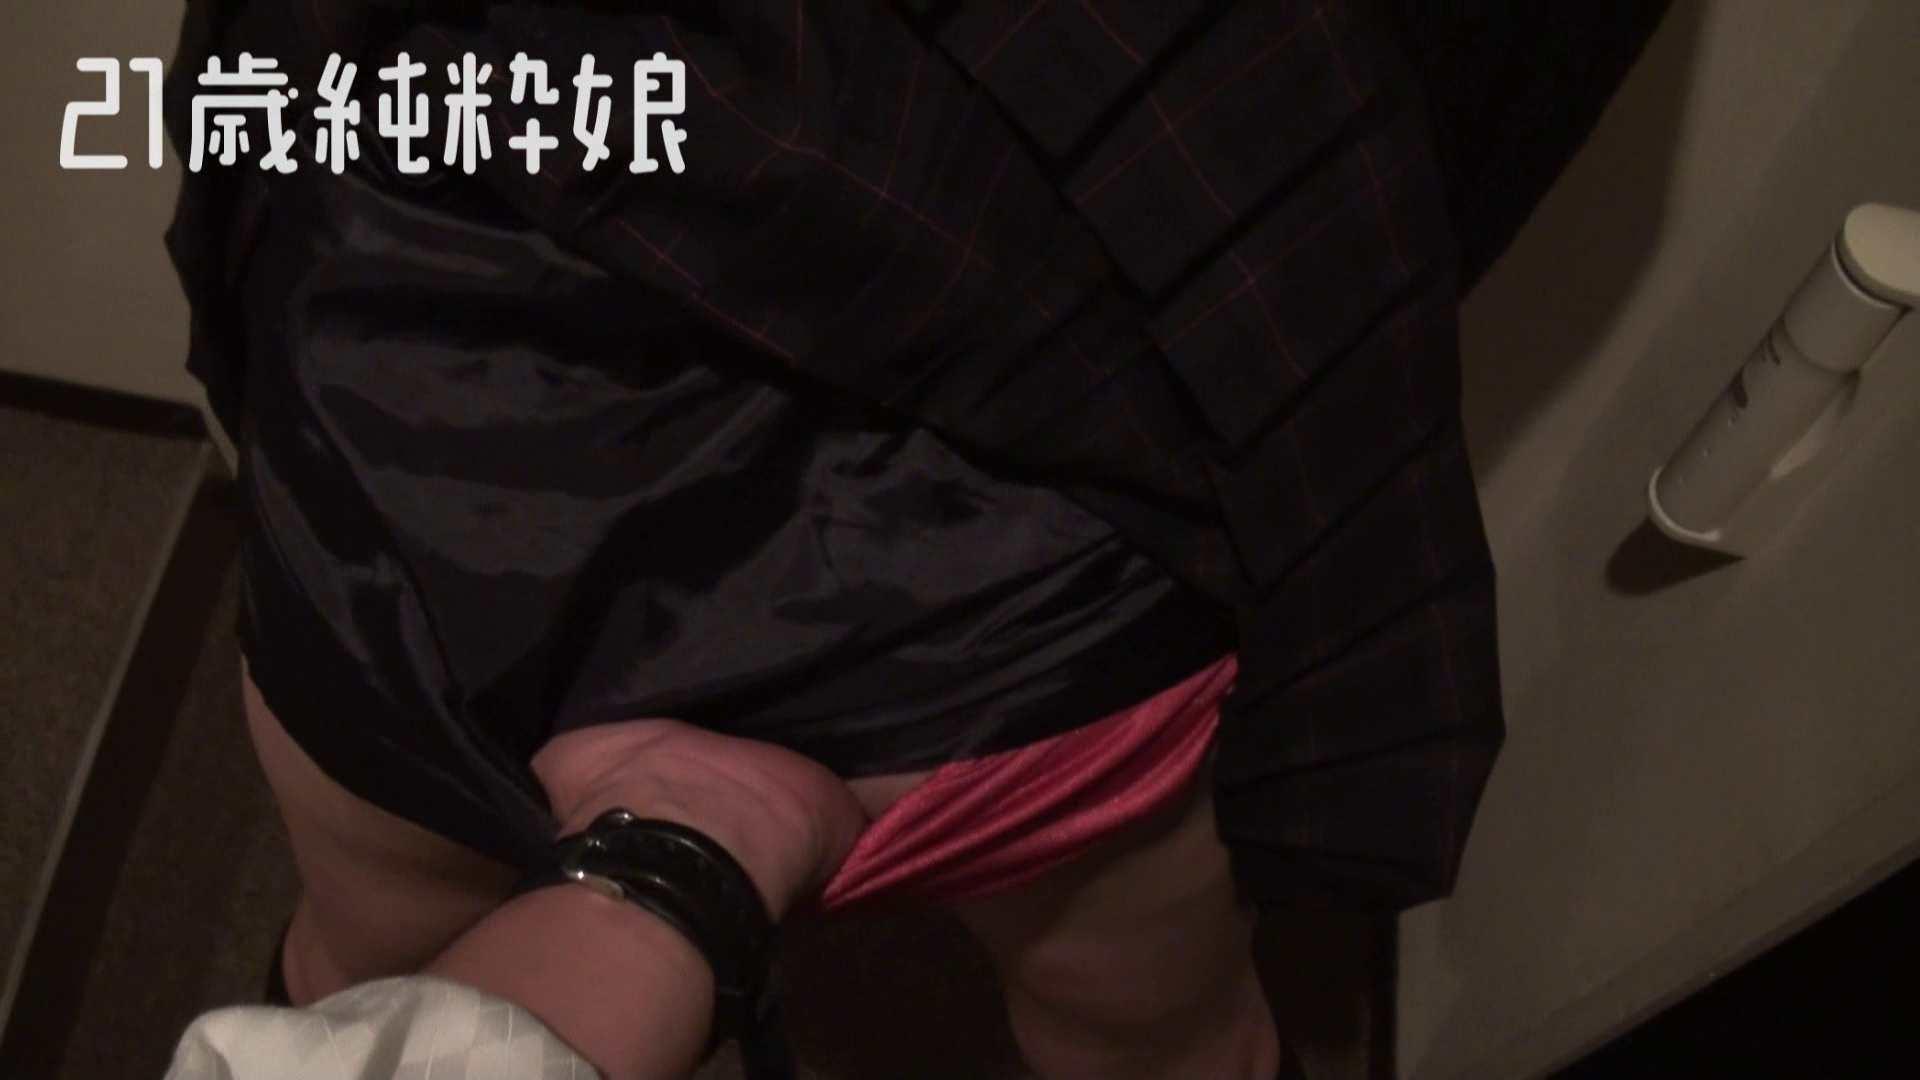 上京したばかりのGカップ21歳純粋嬢を都合の良い女にしてみた 学校  13pic 5